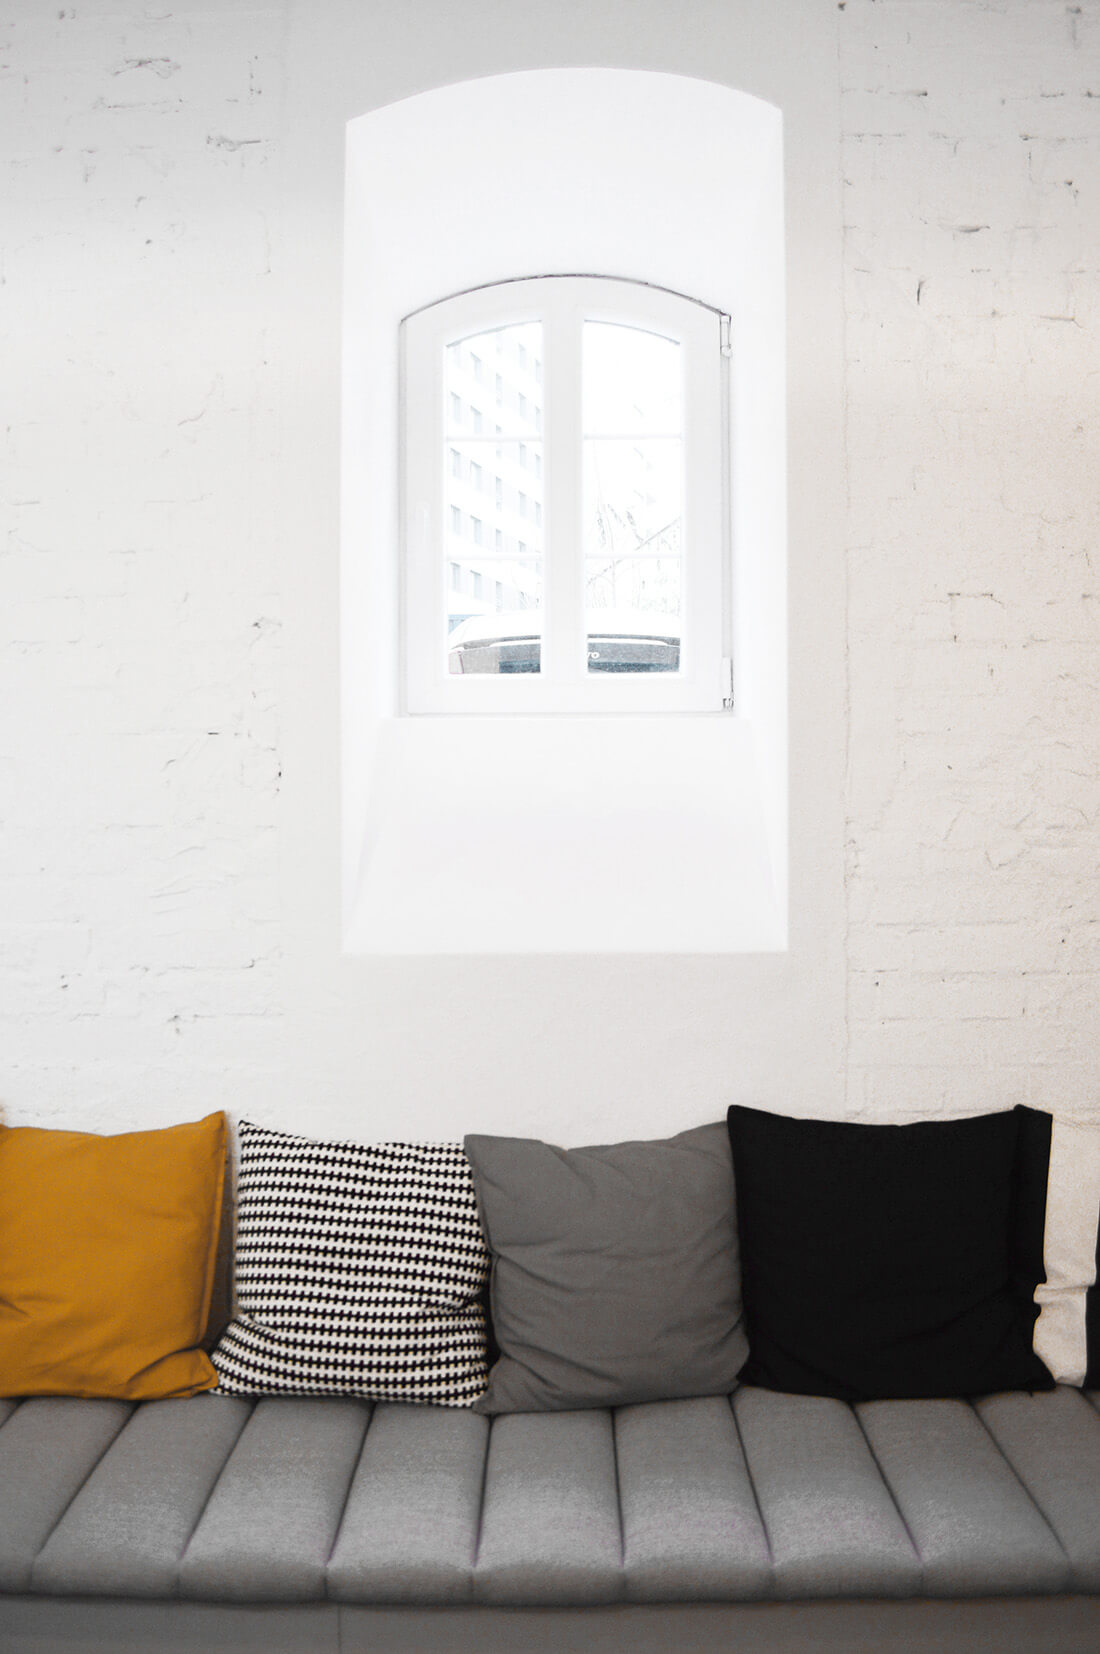 Siedzisko z kolorowymi poduszkami w strefie jadalni